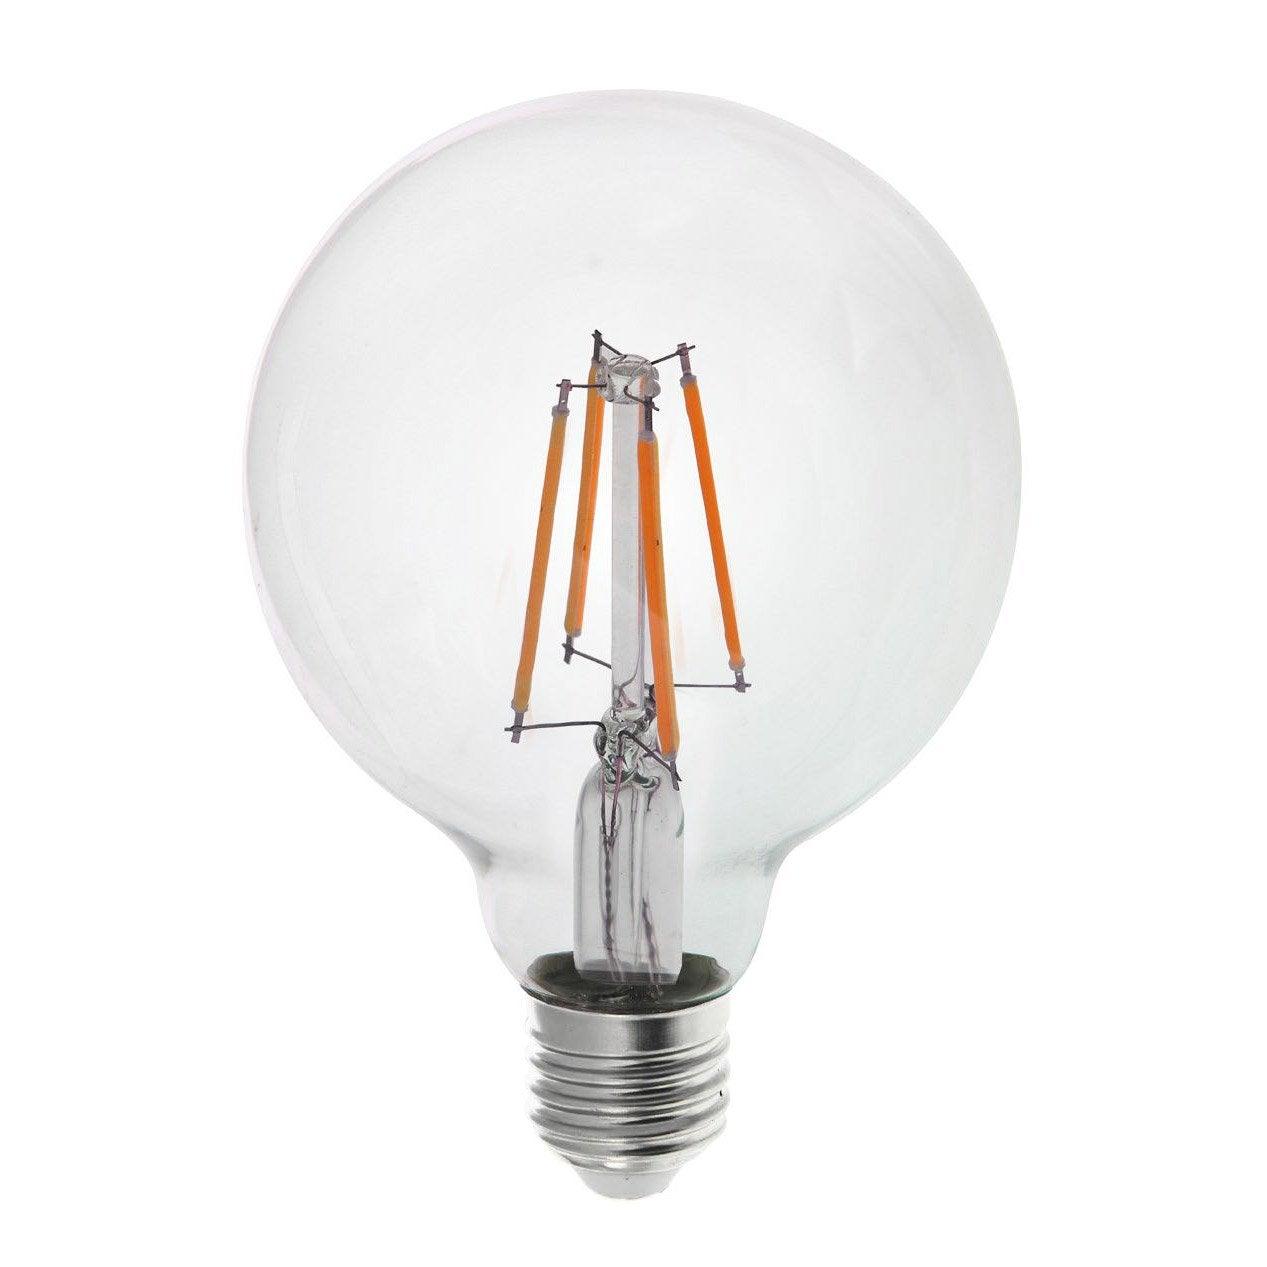 Eglo Led Meilleur E27 PrixLeroy Au Ampoule Merlin vfYb7y6g